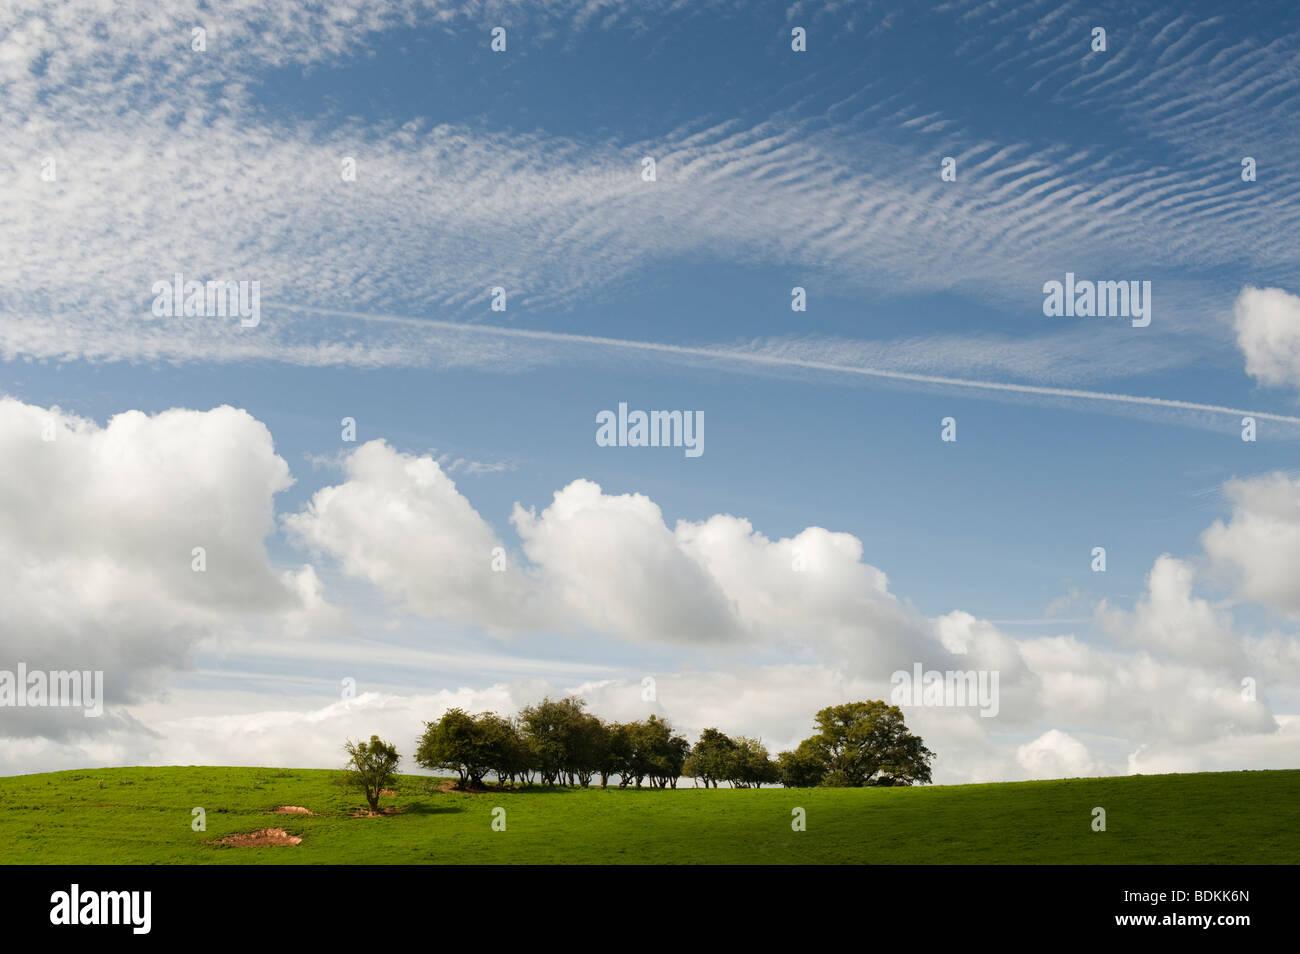 Shropshire Rural campagne près de Ludlow, vert gazon, arbres et ciel nuageux ciel d'été bleu Photo Stock